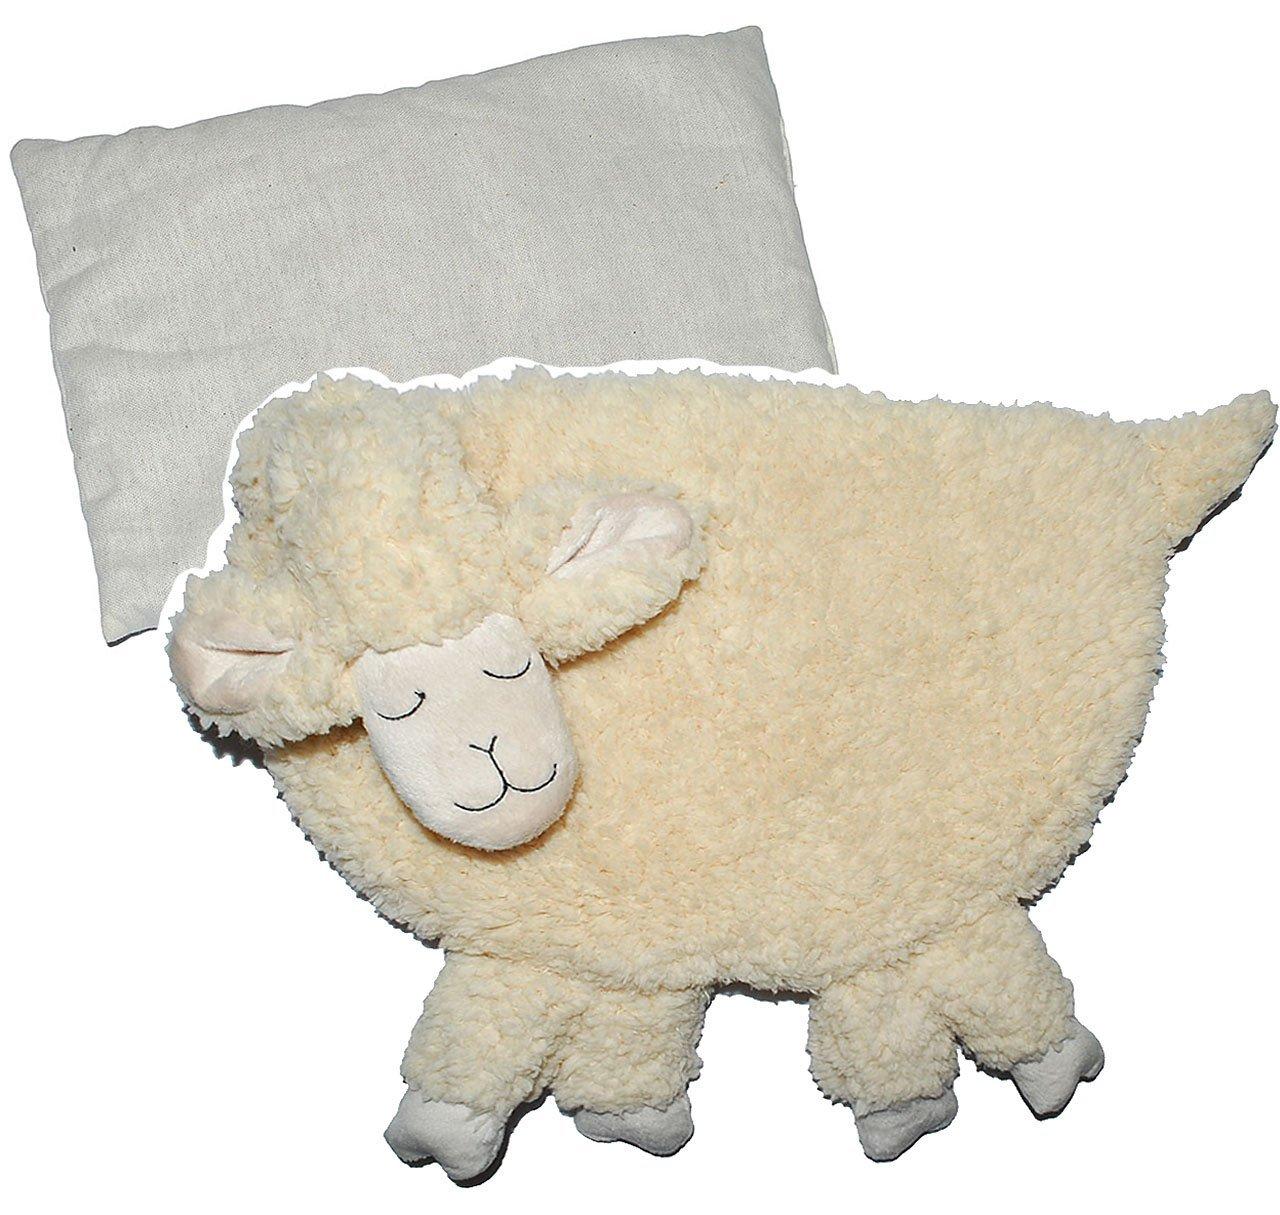 Unbekannt XL Dinkelkissen Schaf 42 cm - Wärme Wärmekissen Heizkissen Dinkel Schäfchen - groß Kuscheltier Körnerkissen Tier für Kinder Babys und Erwachsene Kinder-land